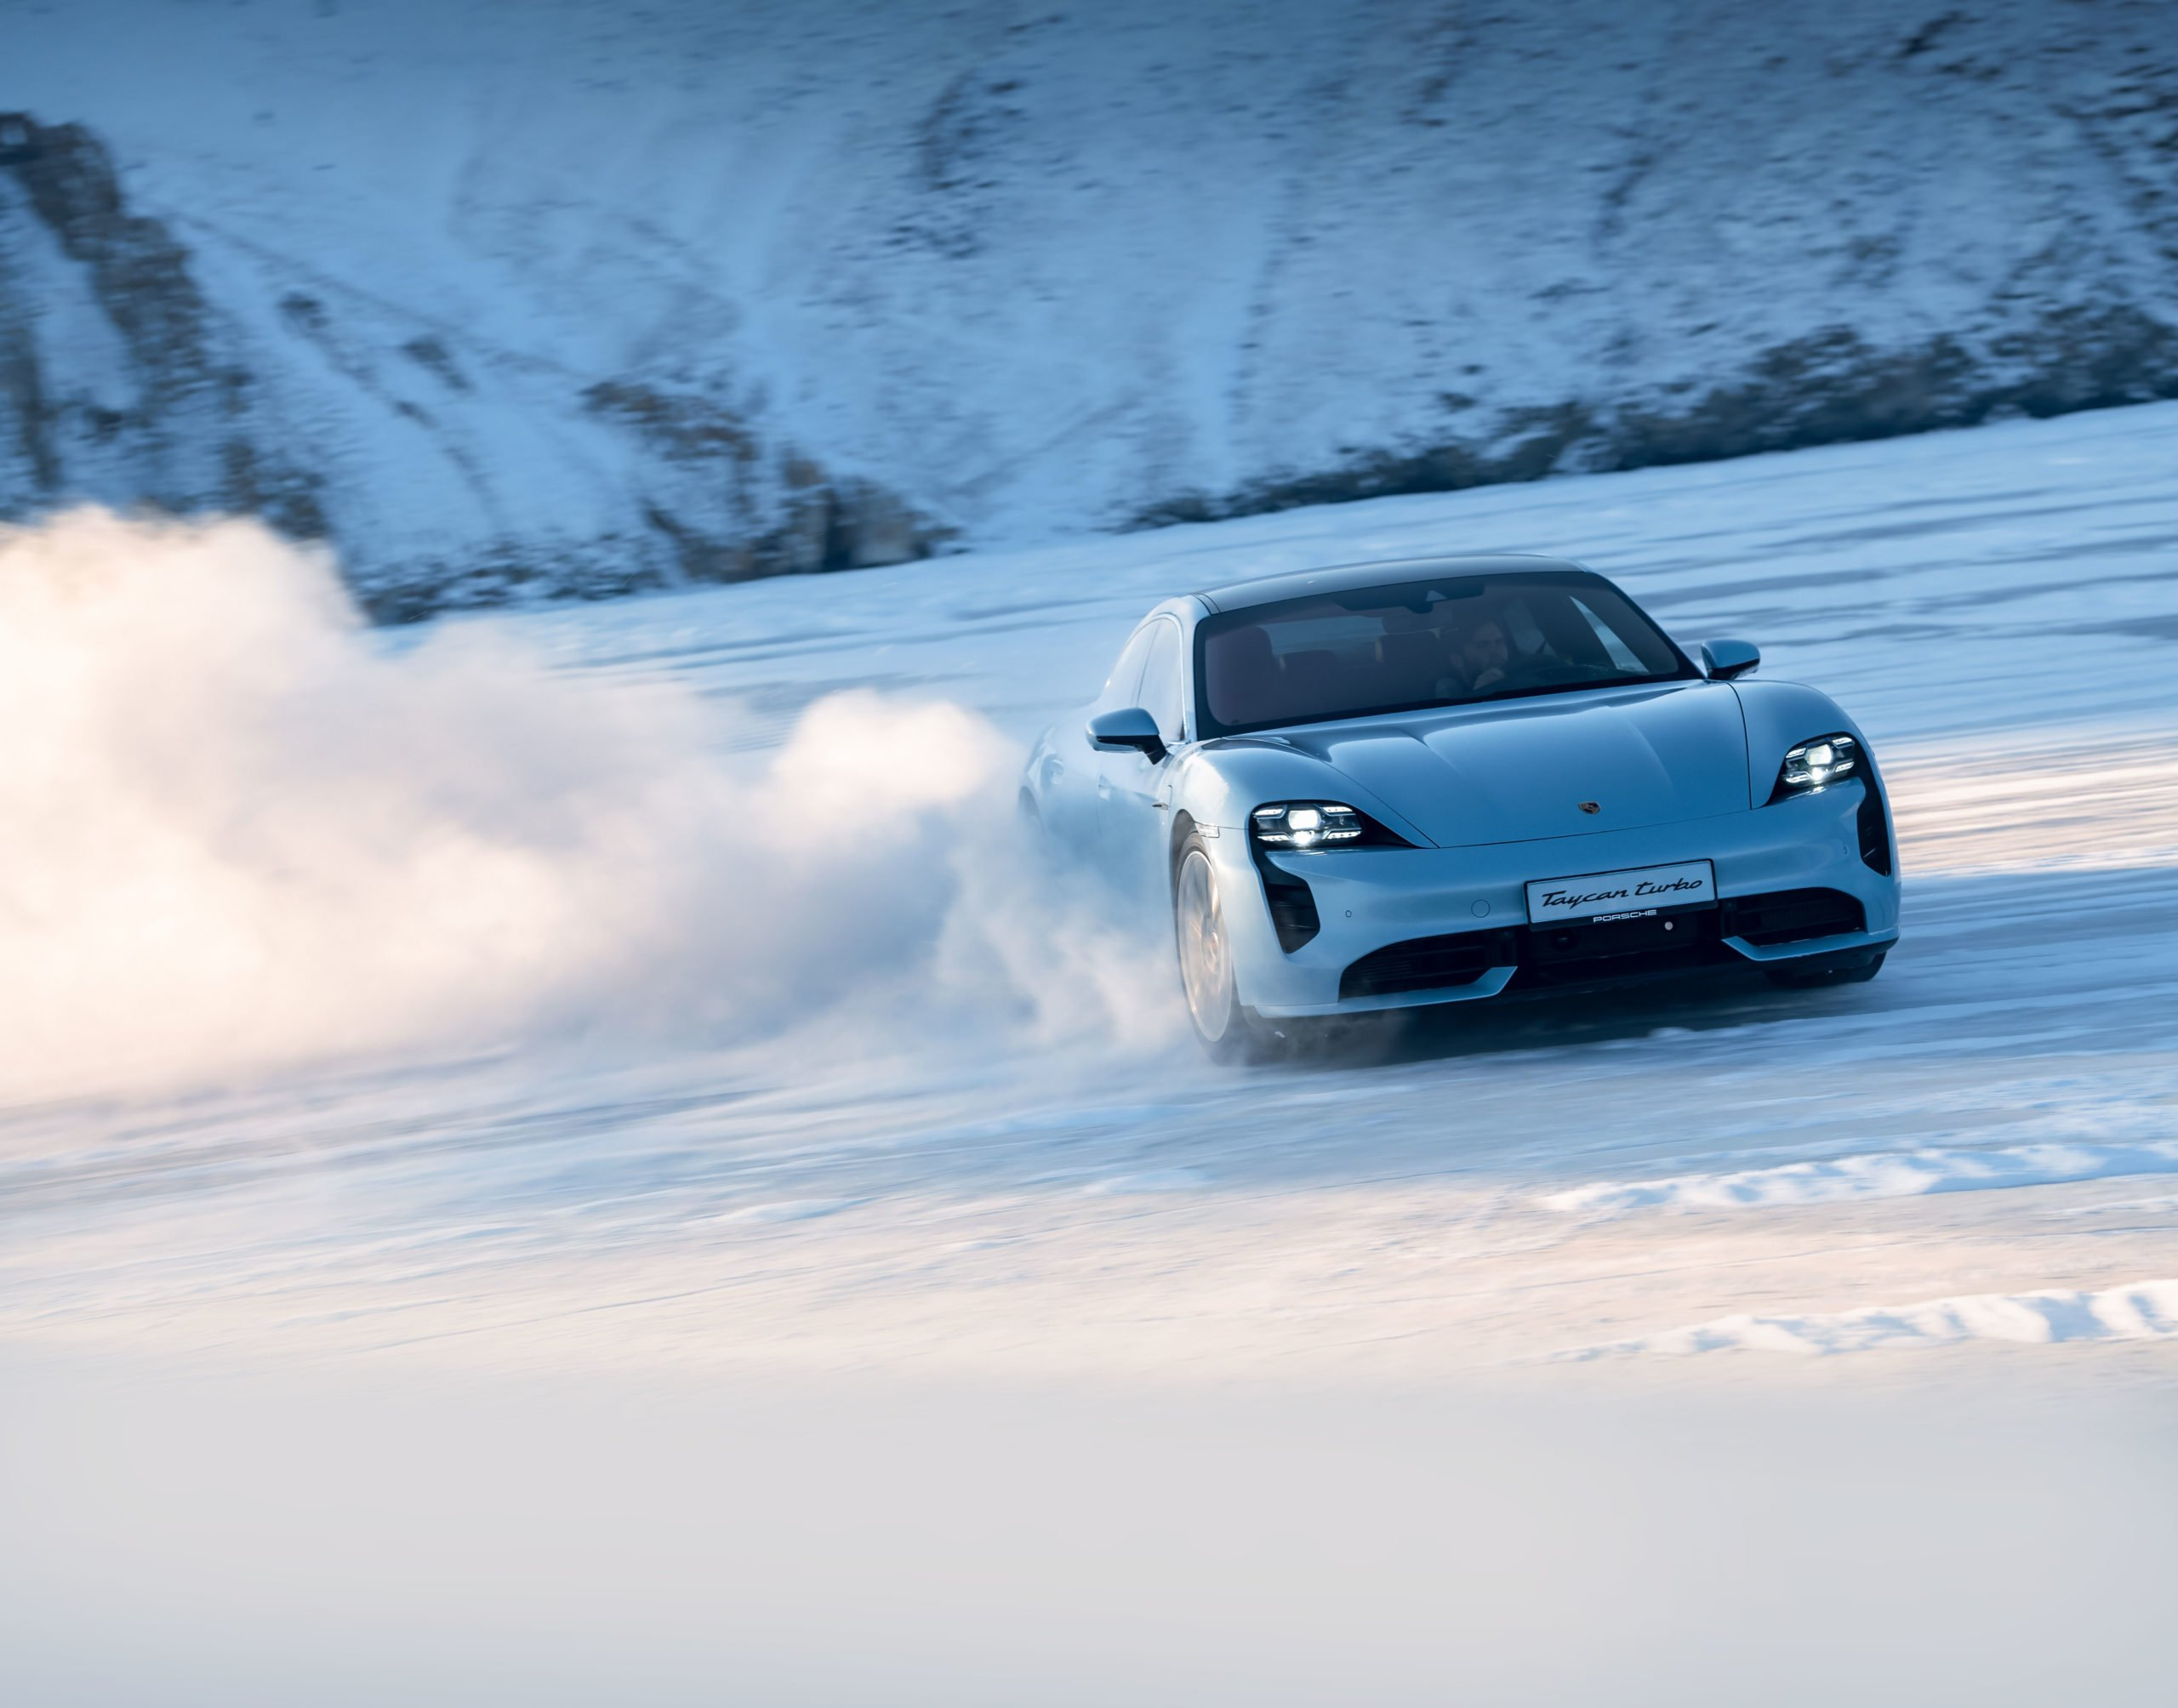 «Раздал» на Porsche Taycan Turbo и 911 Targa 4S по льду Байкала: ожидания и реальность